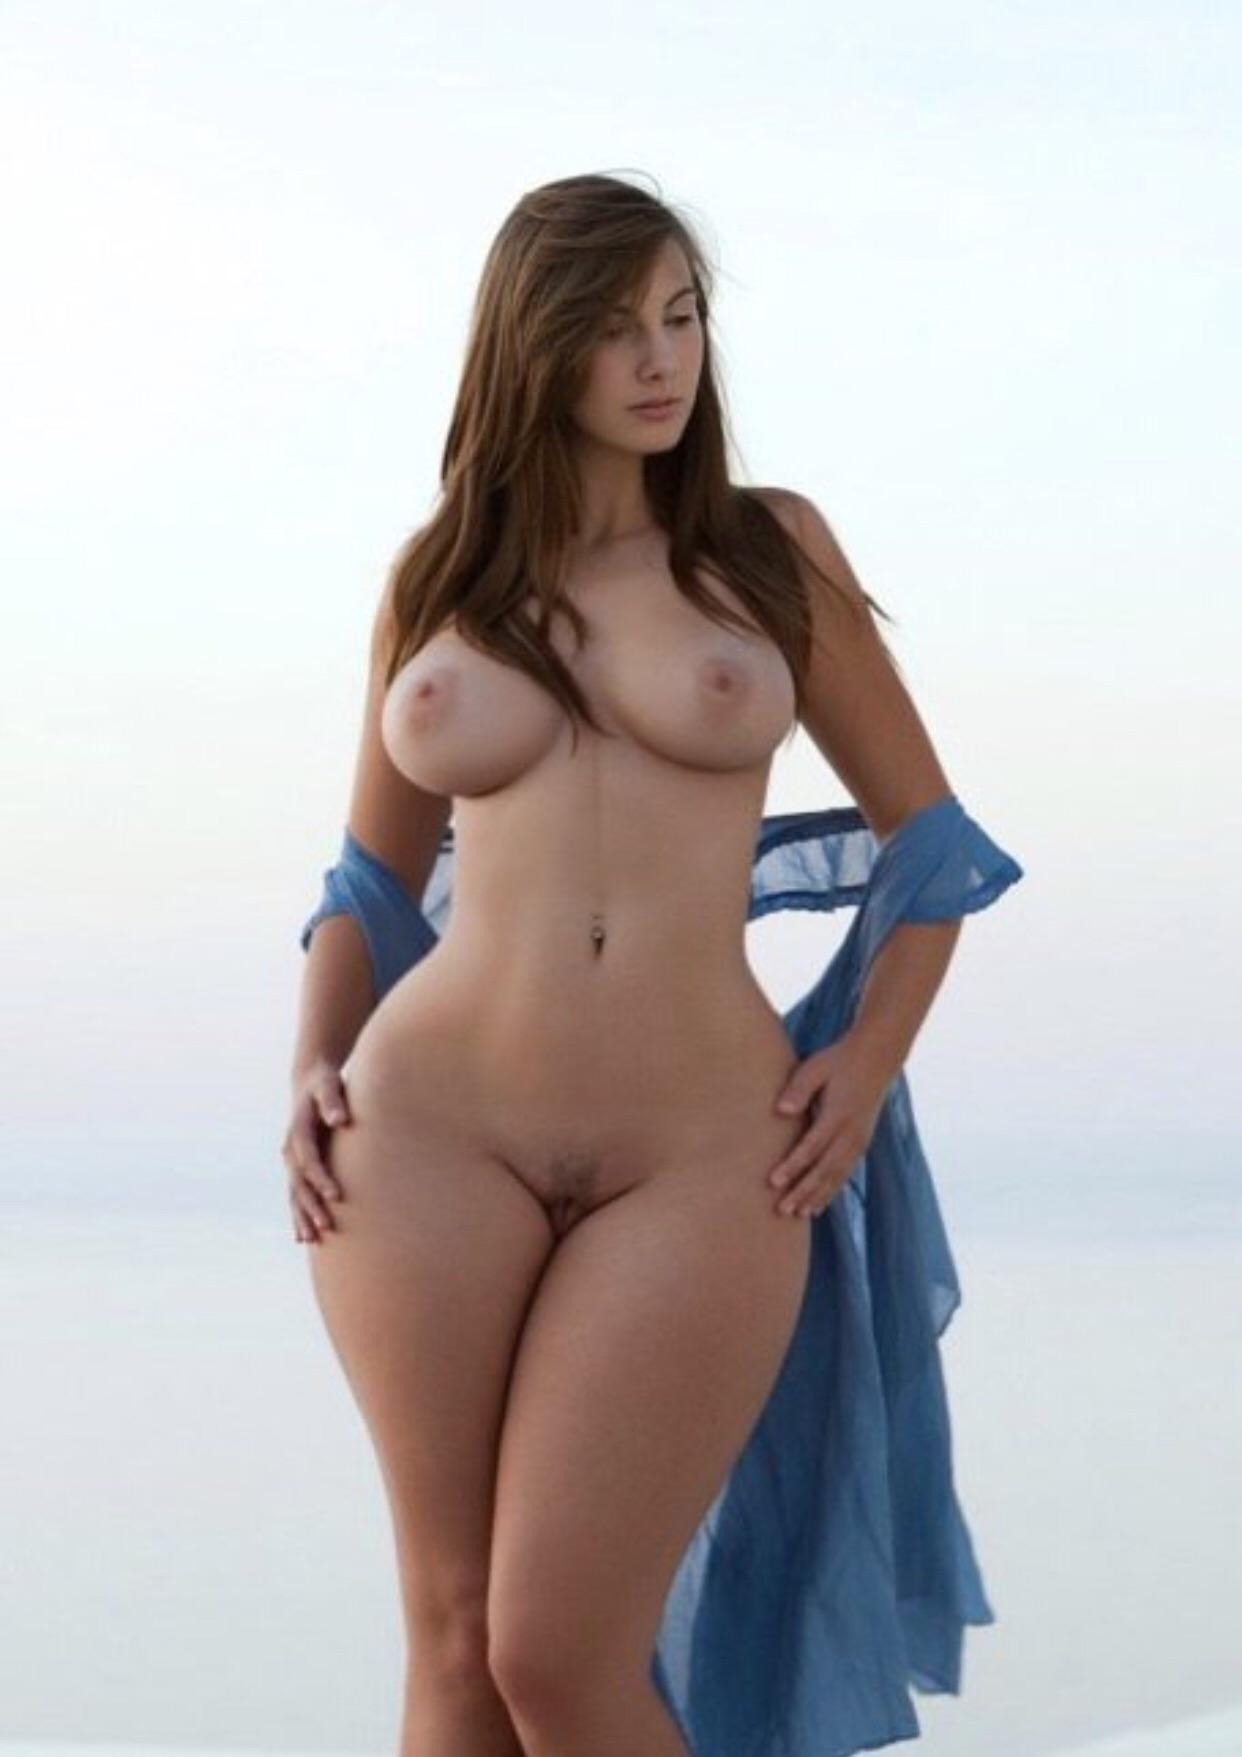 Эротические фото большая грудь и тонкая талия, порно струйного оргазма в контакте